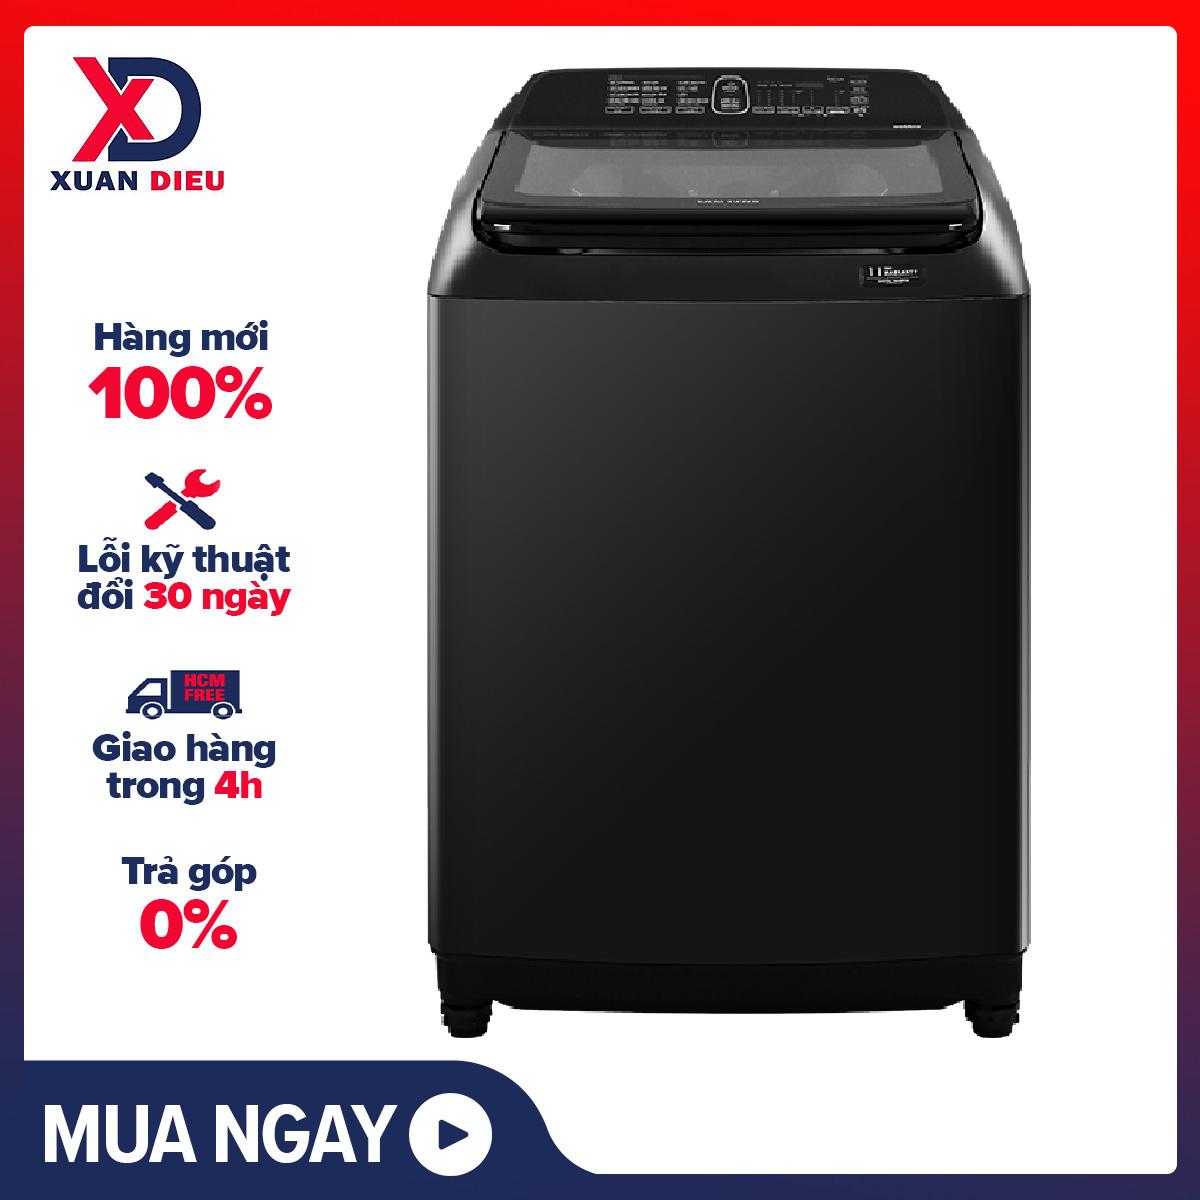 TRẢ GÓP 0% - Máy giặt Samsung Inverter 16 kg WA16R6380BV/SV Mới 2020. Công nghệ Intensive Wash đánh tan xà phòng giúp tăng khả năng thẩm thấu vào sợi vải, Bộ lọc xơ vải Magic Filter, Hộp đánh tan bột giặt Magic Dispenser